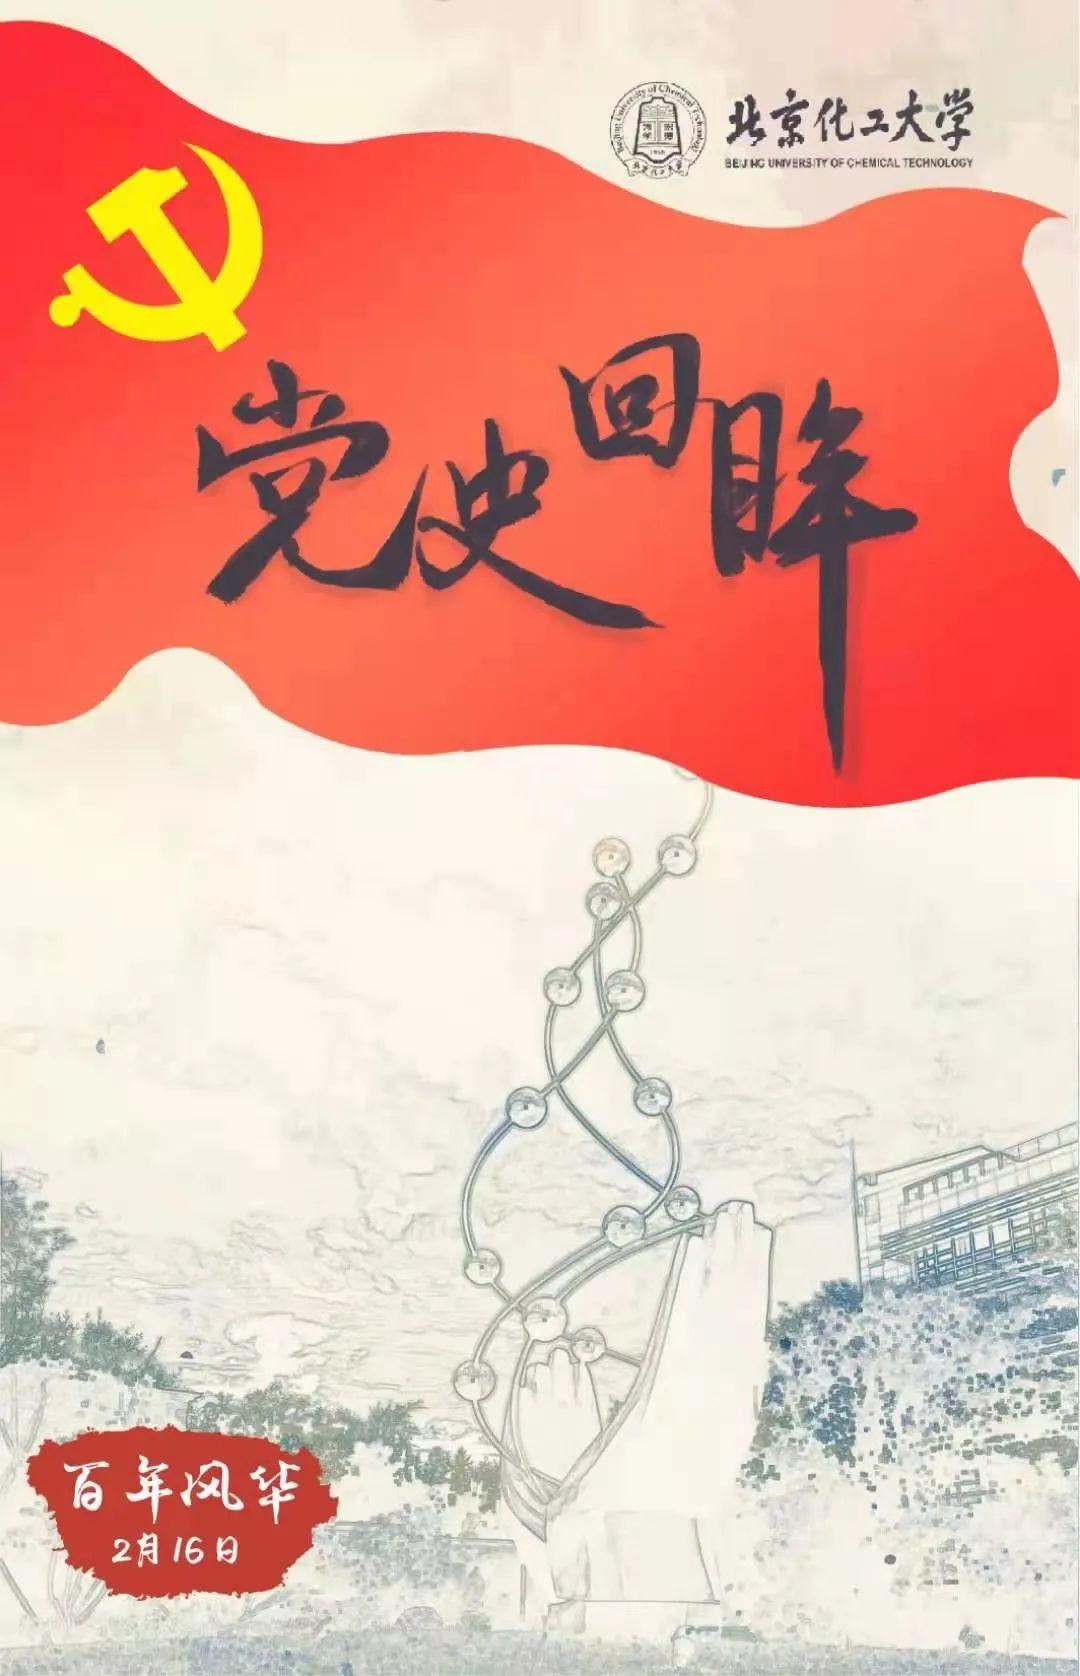 百年风华·党史回眸 | 2月16日图片